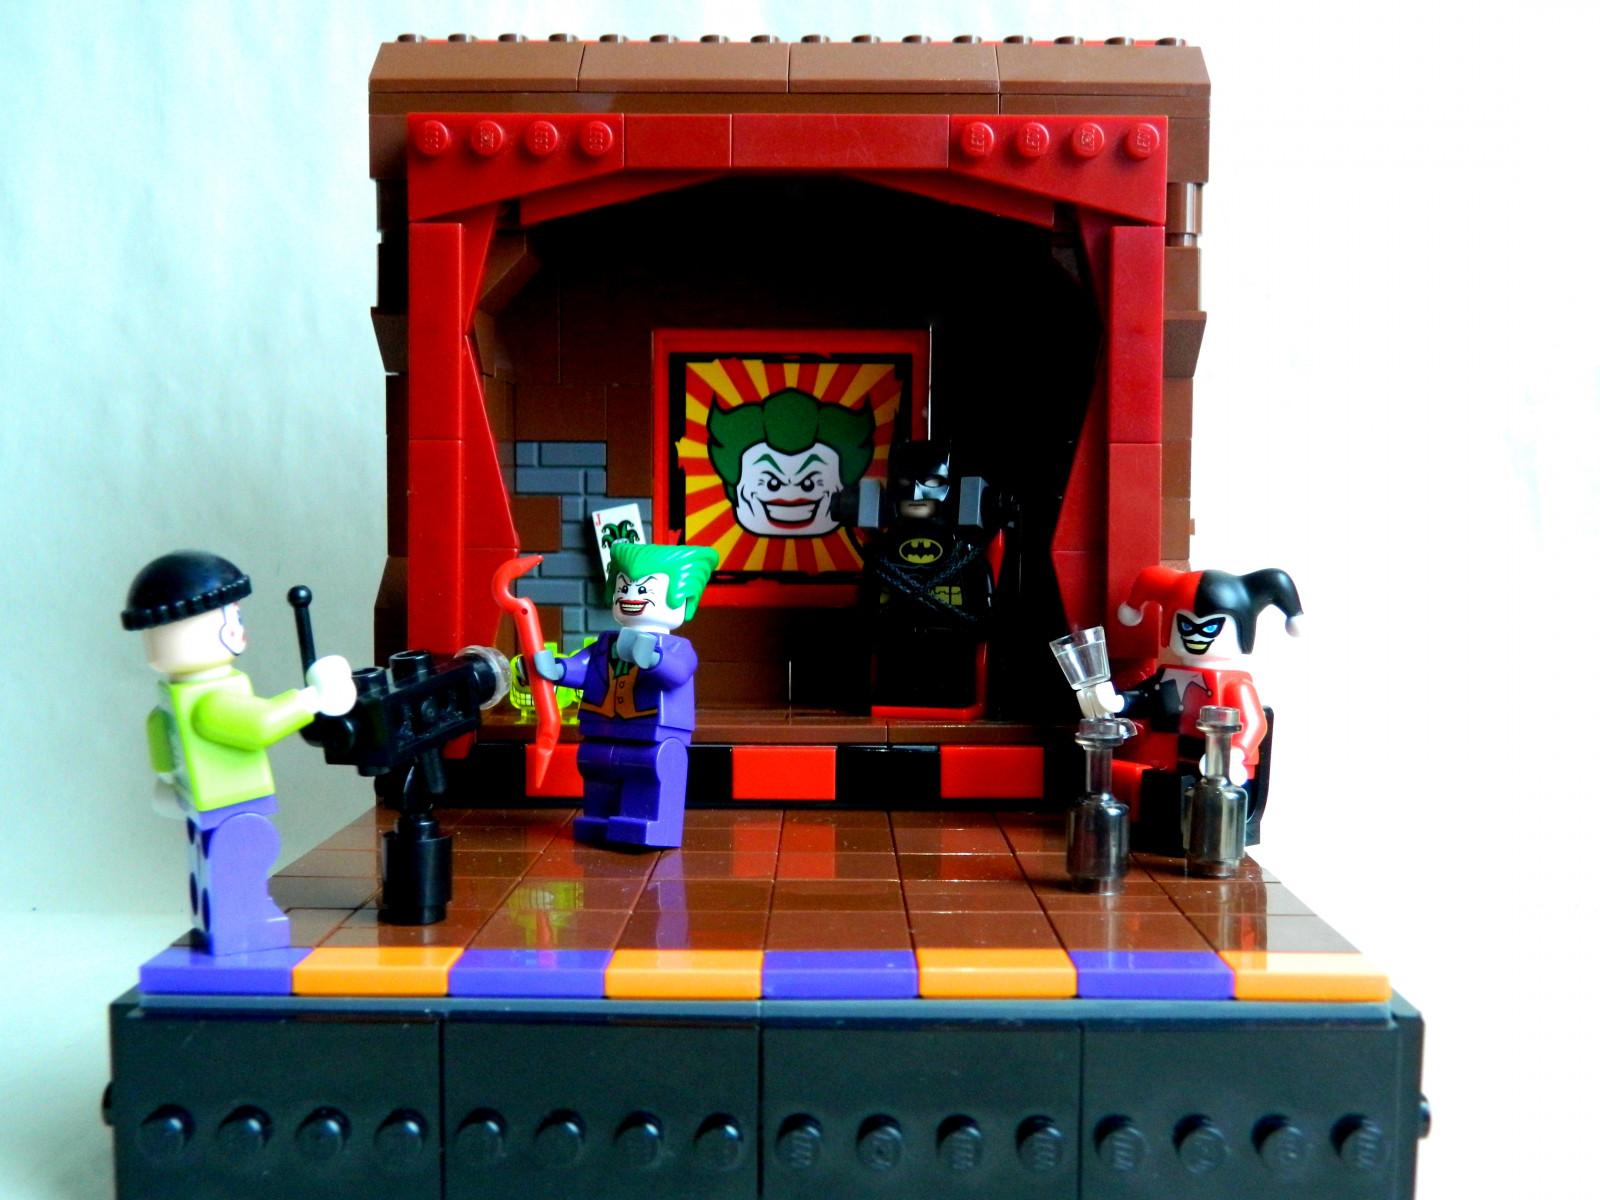 wallpaper batman joker lego toy comics clown quinn. Black Bedroom Furniture Sets. Home Design Ideas